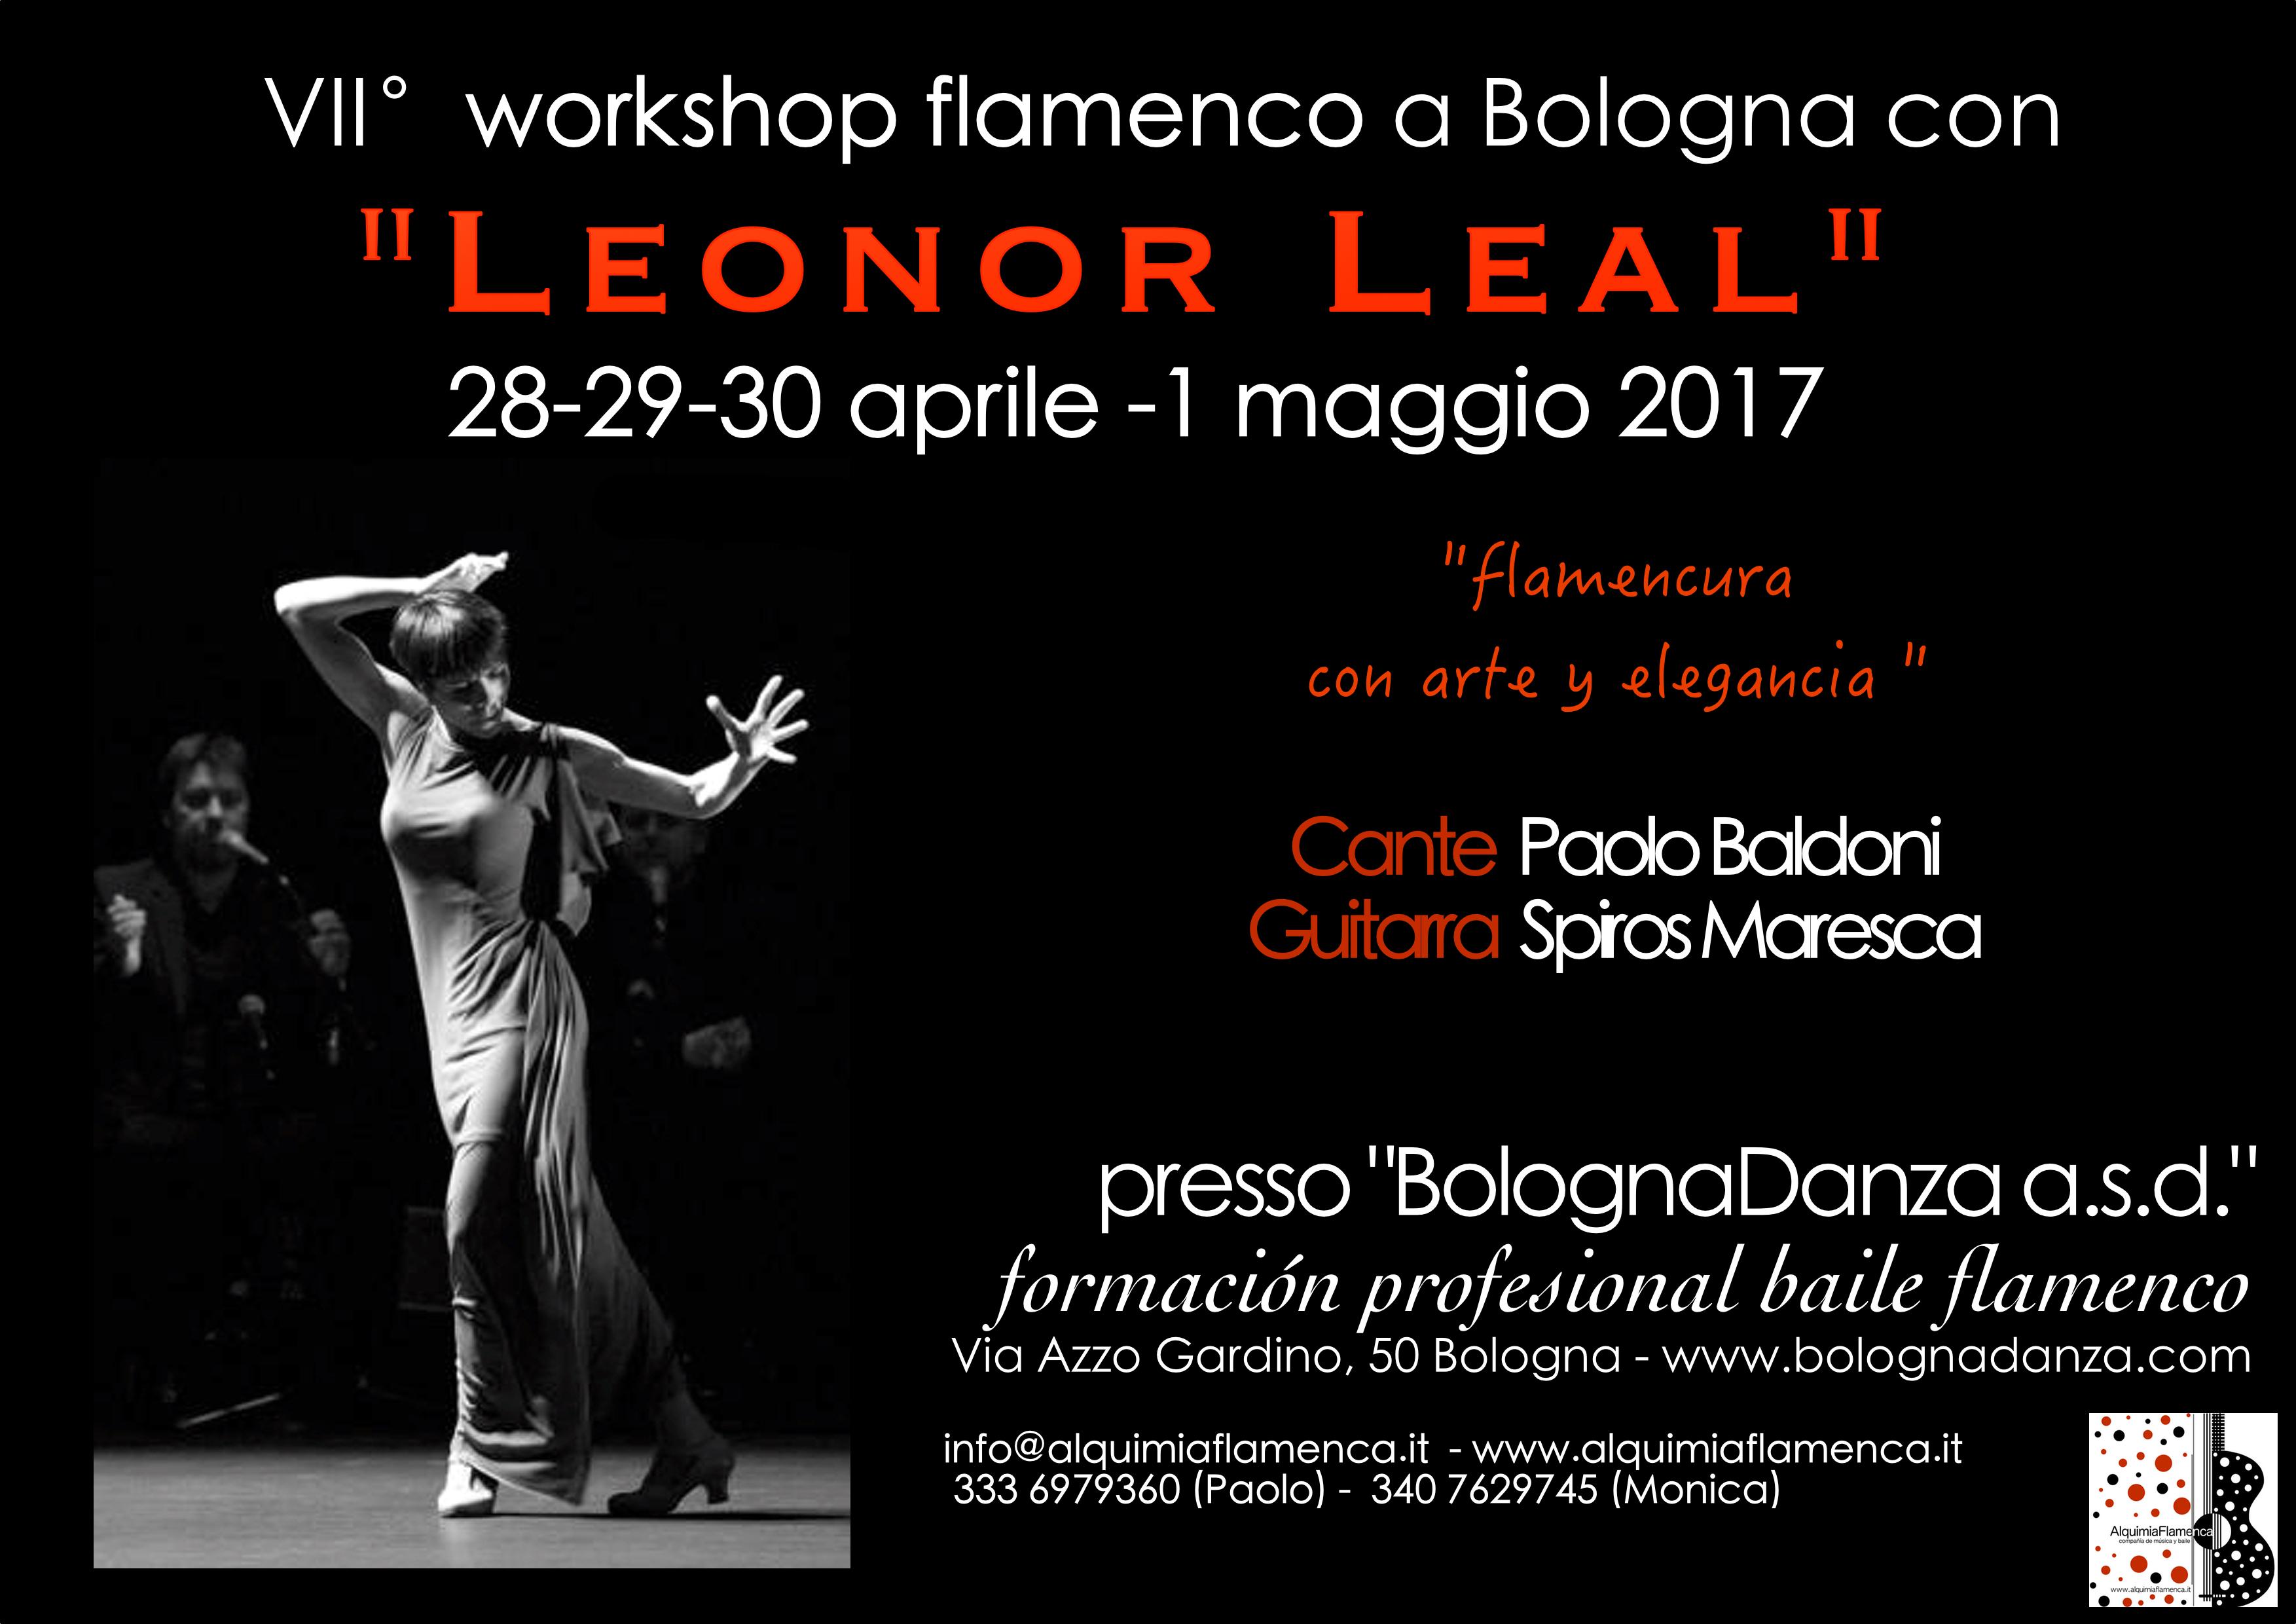 leonor-leal-2017